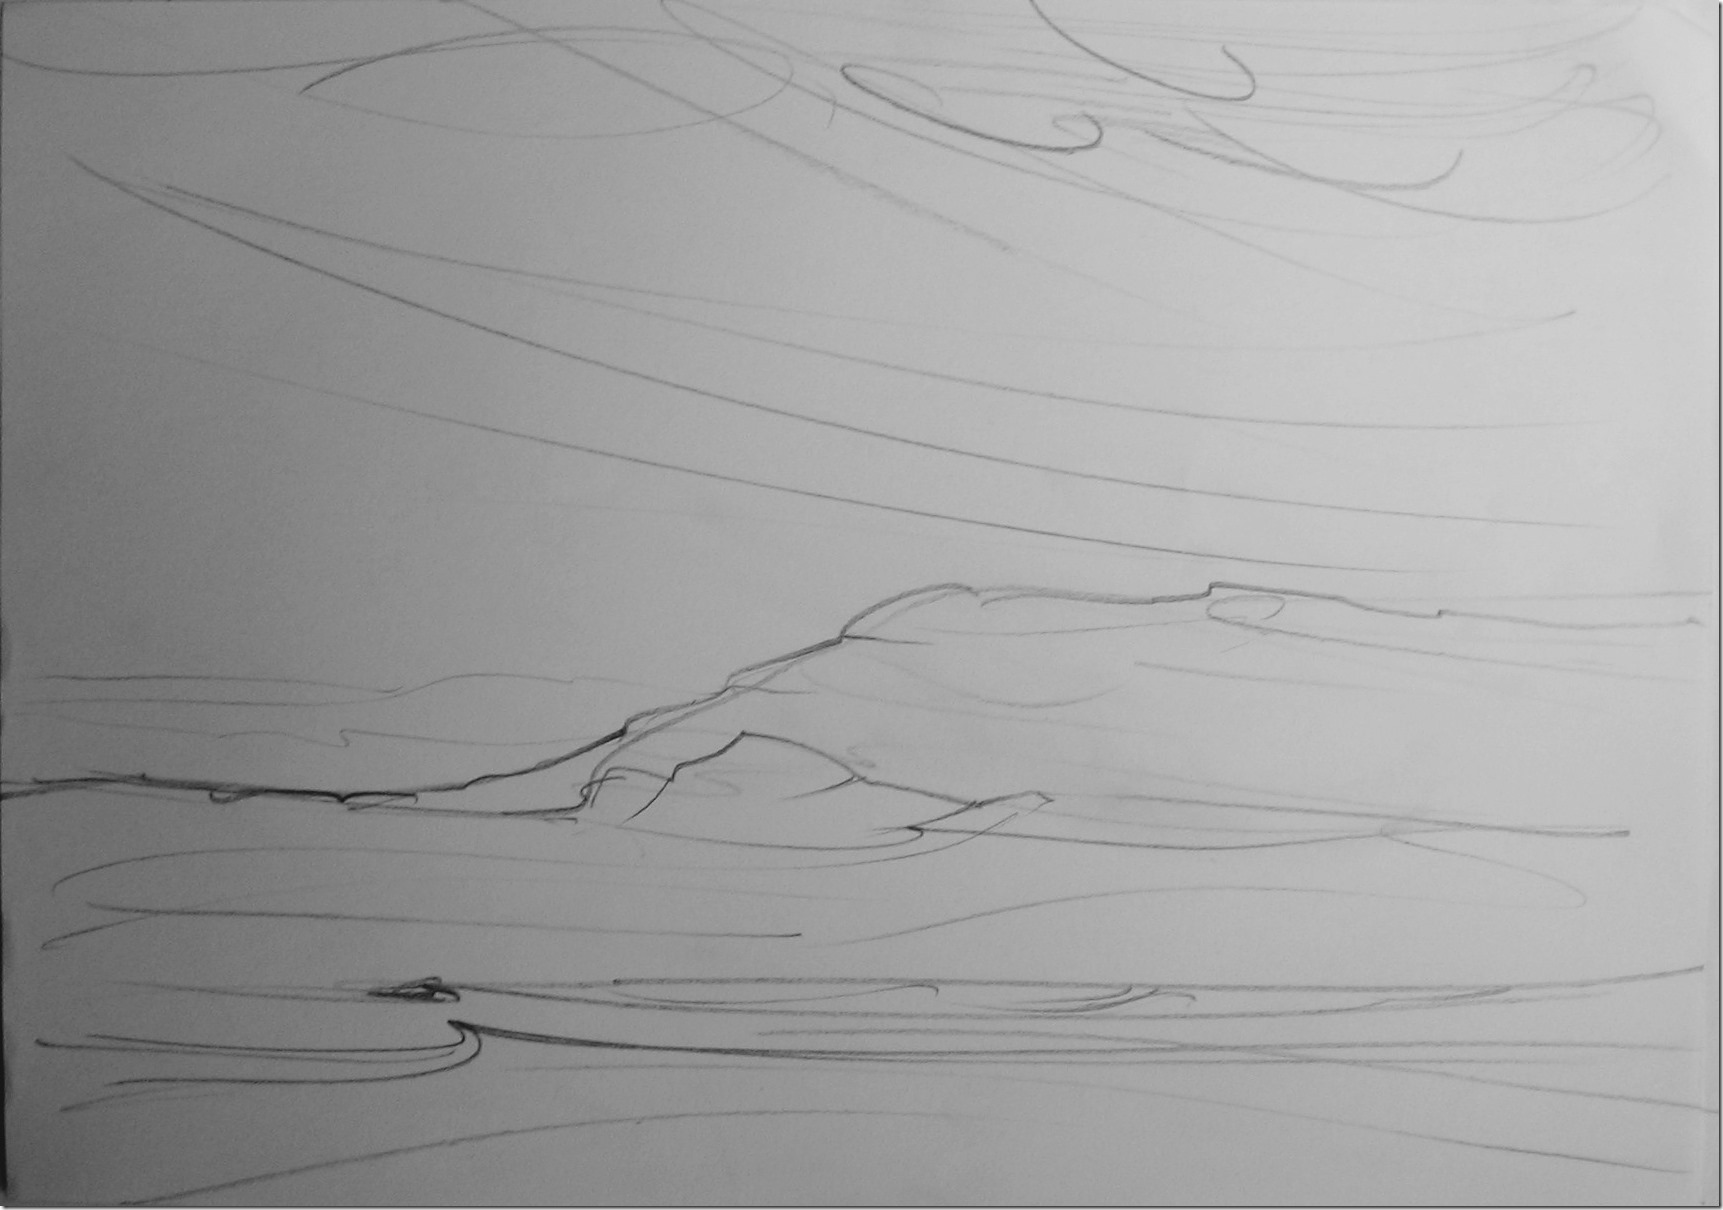 niemandshuegel-graphit-by-arkis-01-19